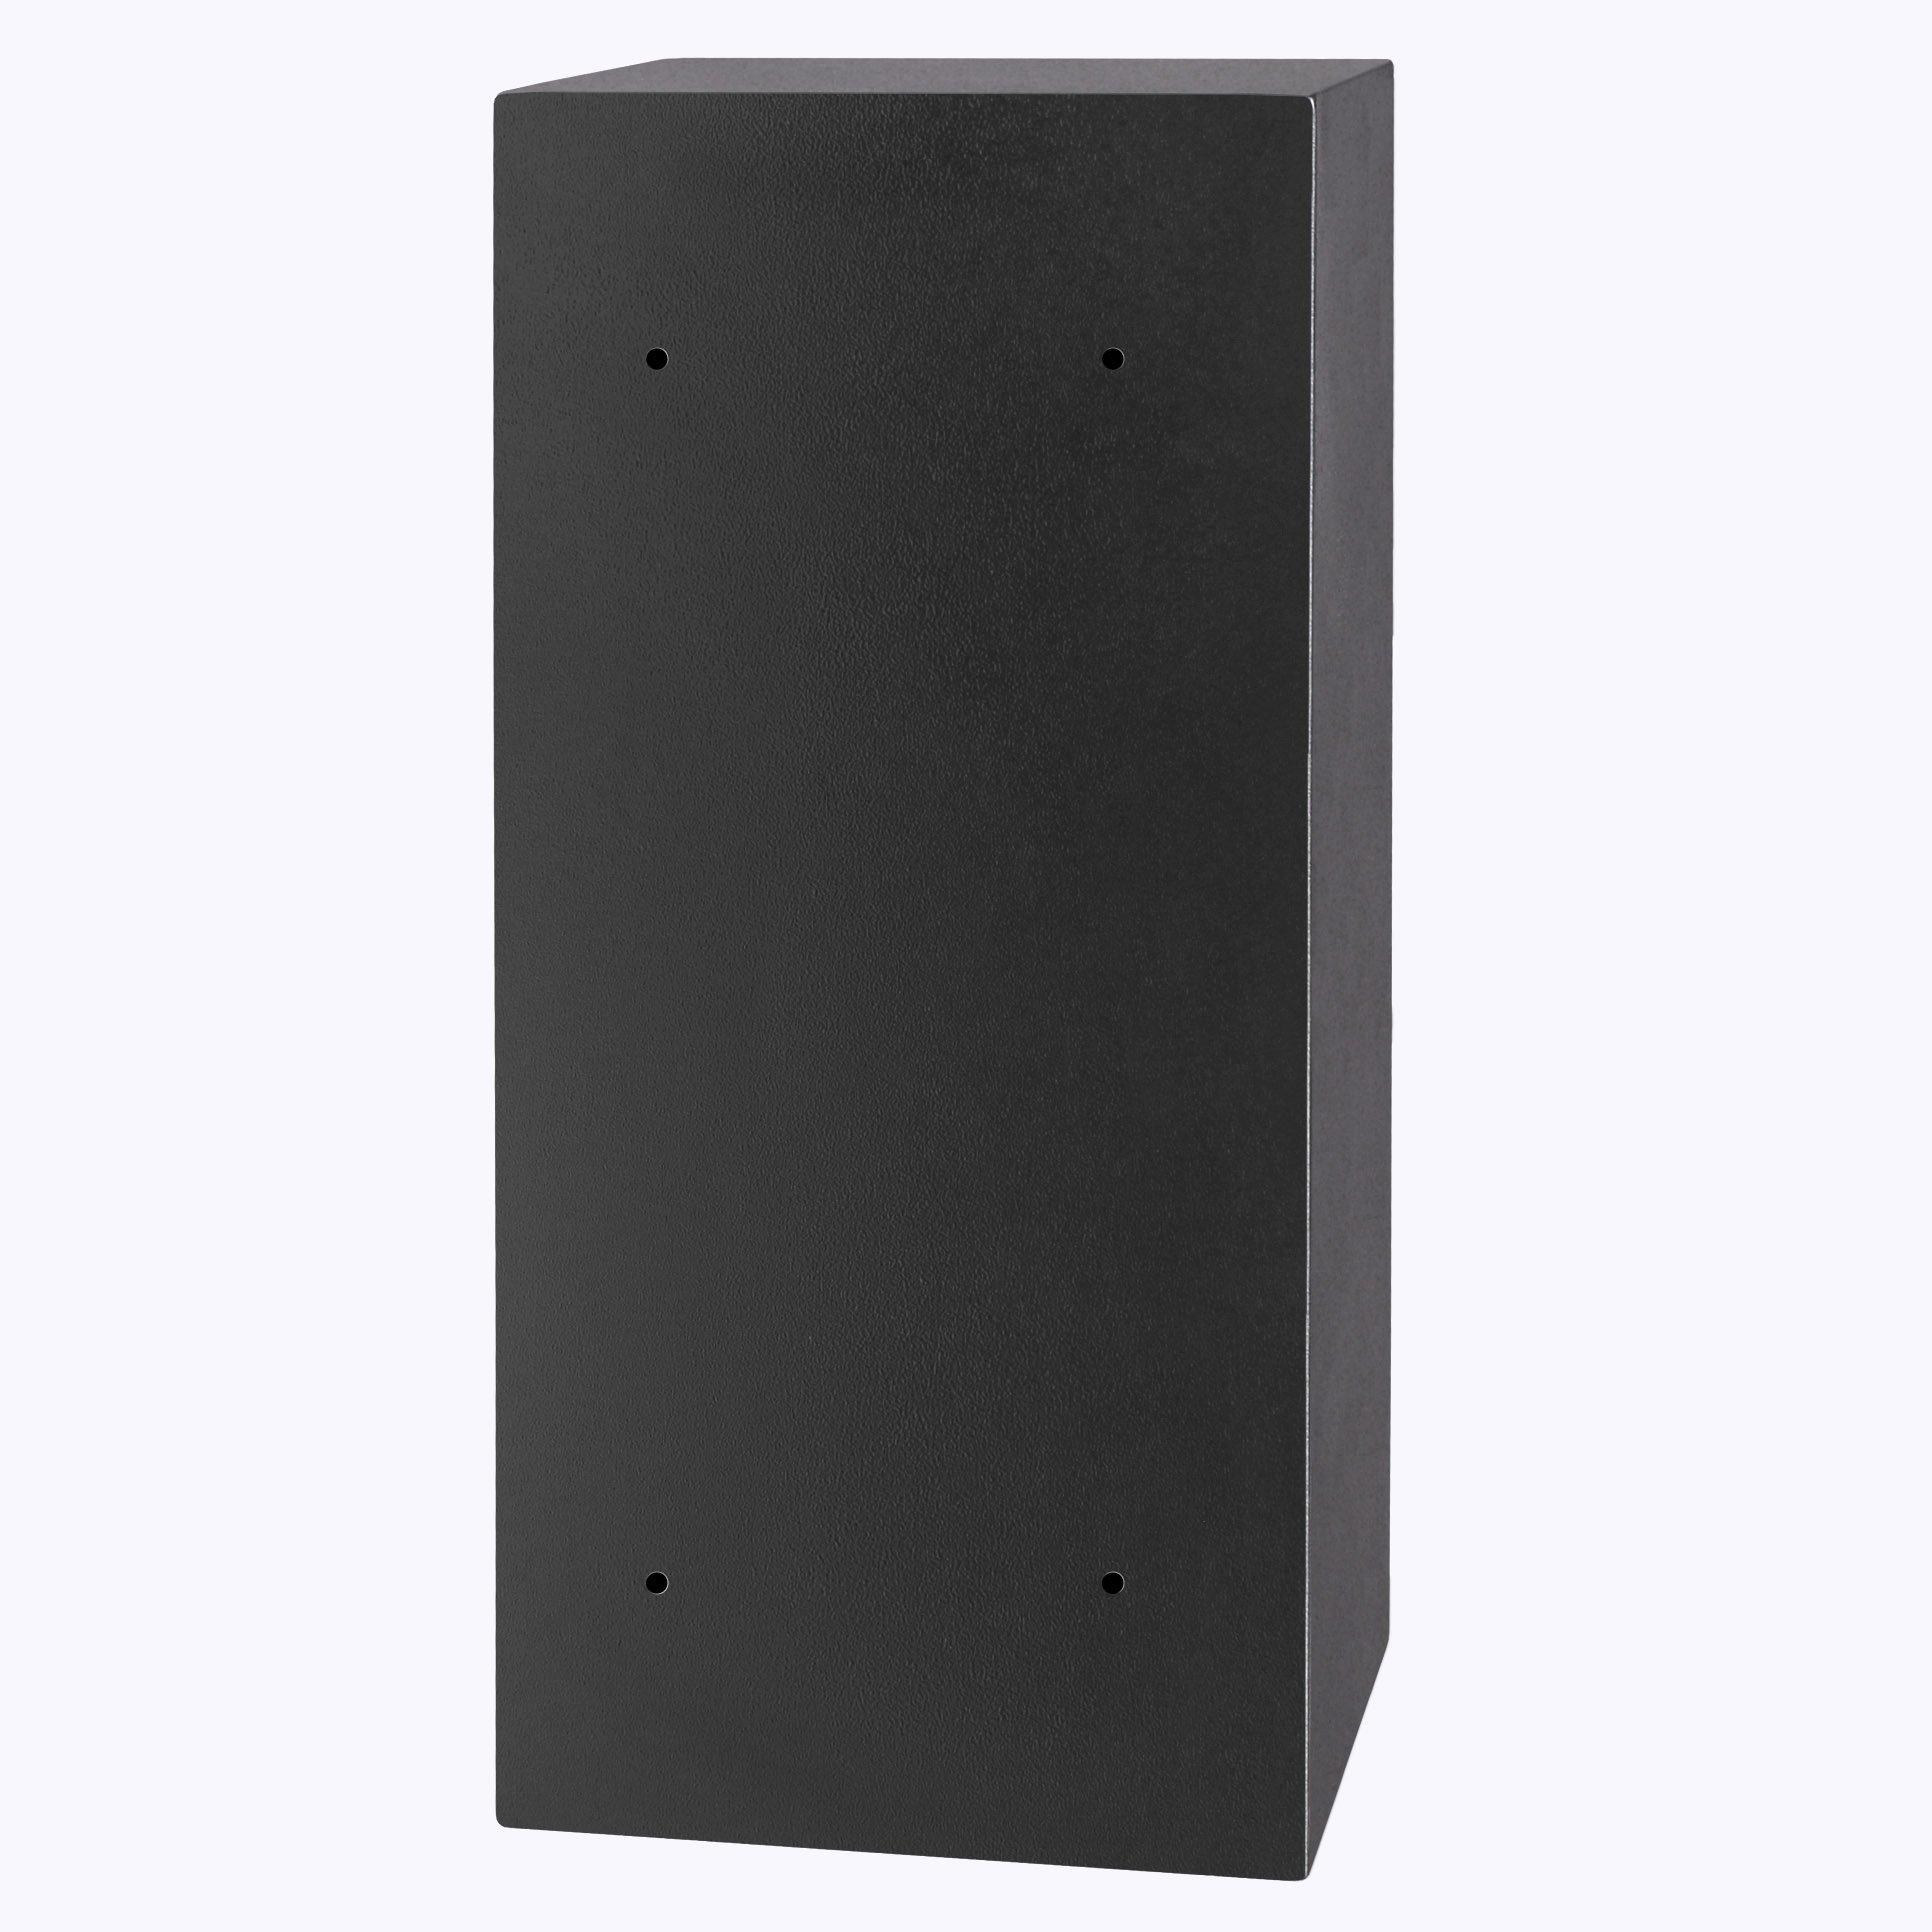 Superland Large Double Door Security Safe Box Depository Safe Steel Safe Box Digital Safe Depository for Money Gun Jewelry (Large Digital Safe Box) by Superland (Image #5)